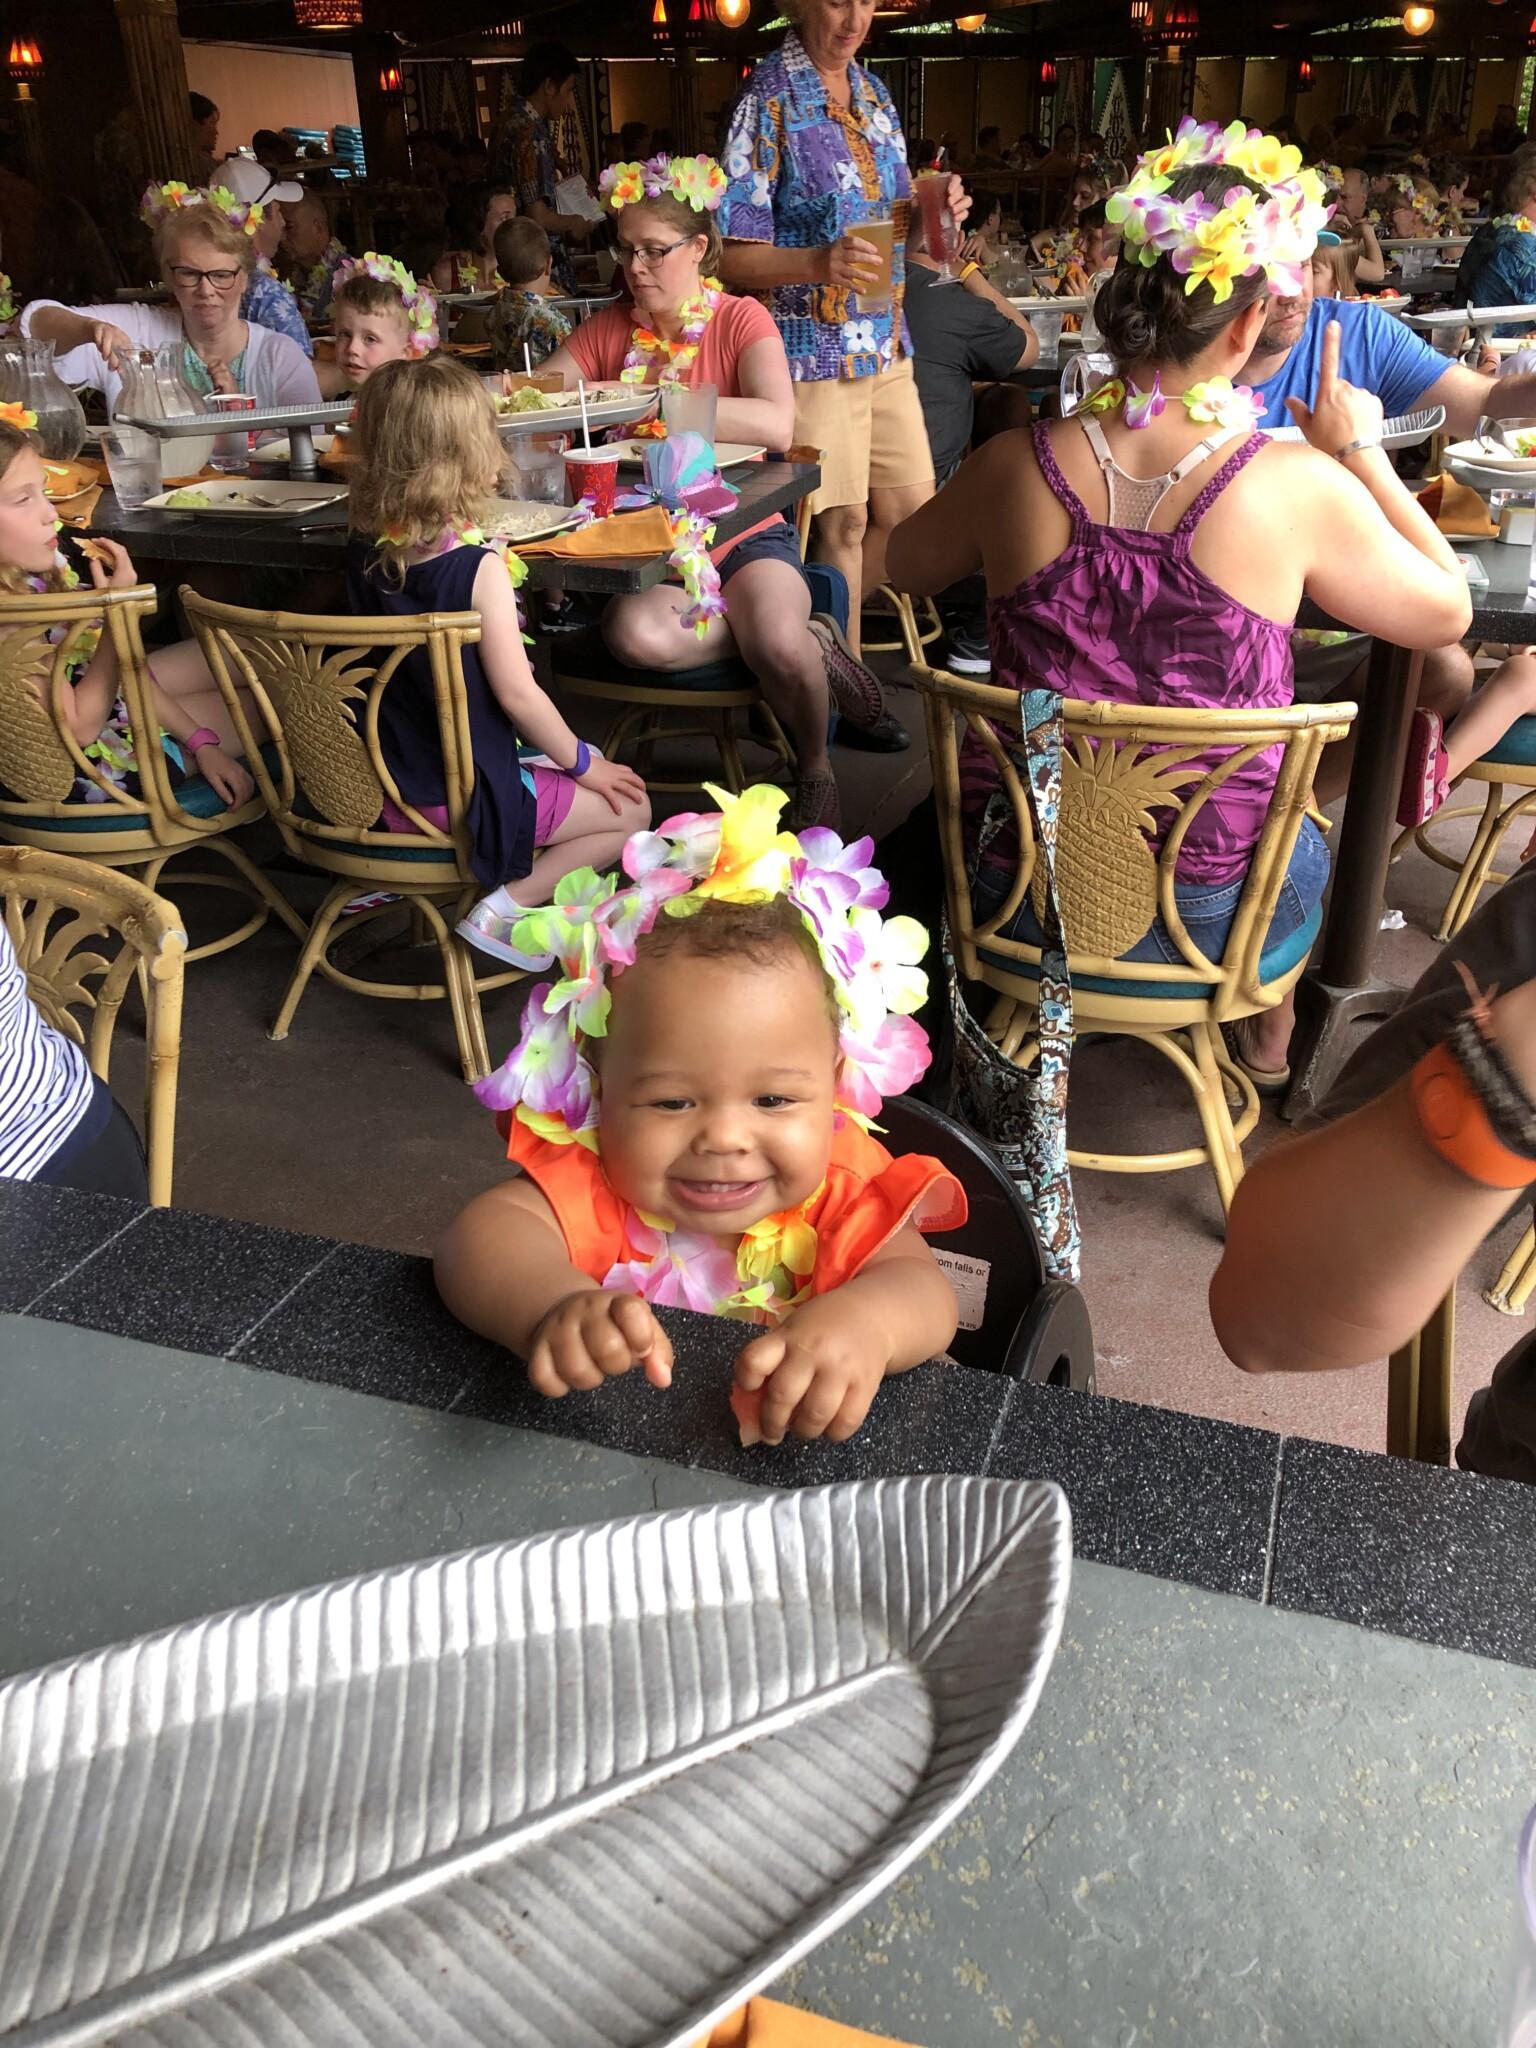 2 semaines en Floride avec un bébé de 1 an - Séjour du 2 au 16 mai 2019 DCL + WDW - Page 17 IMG_1188-1536x2048